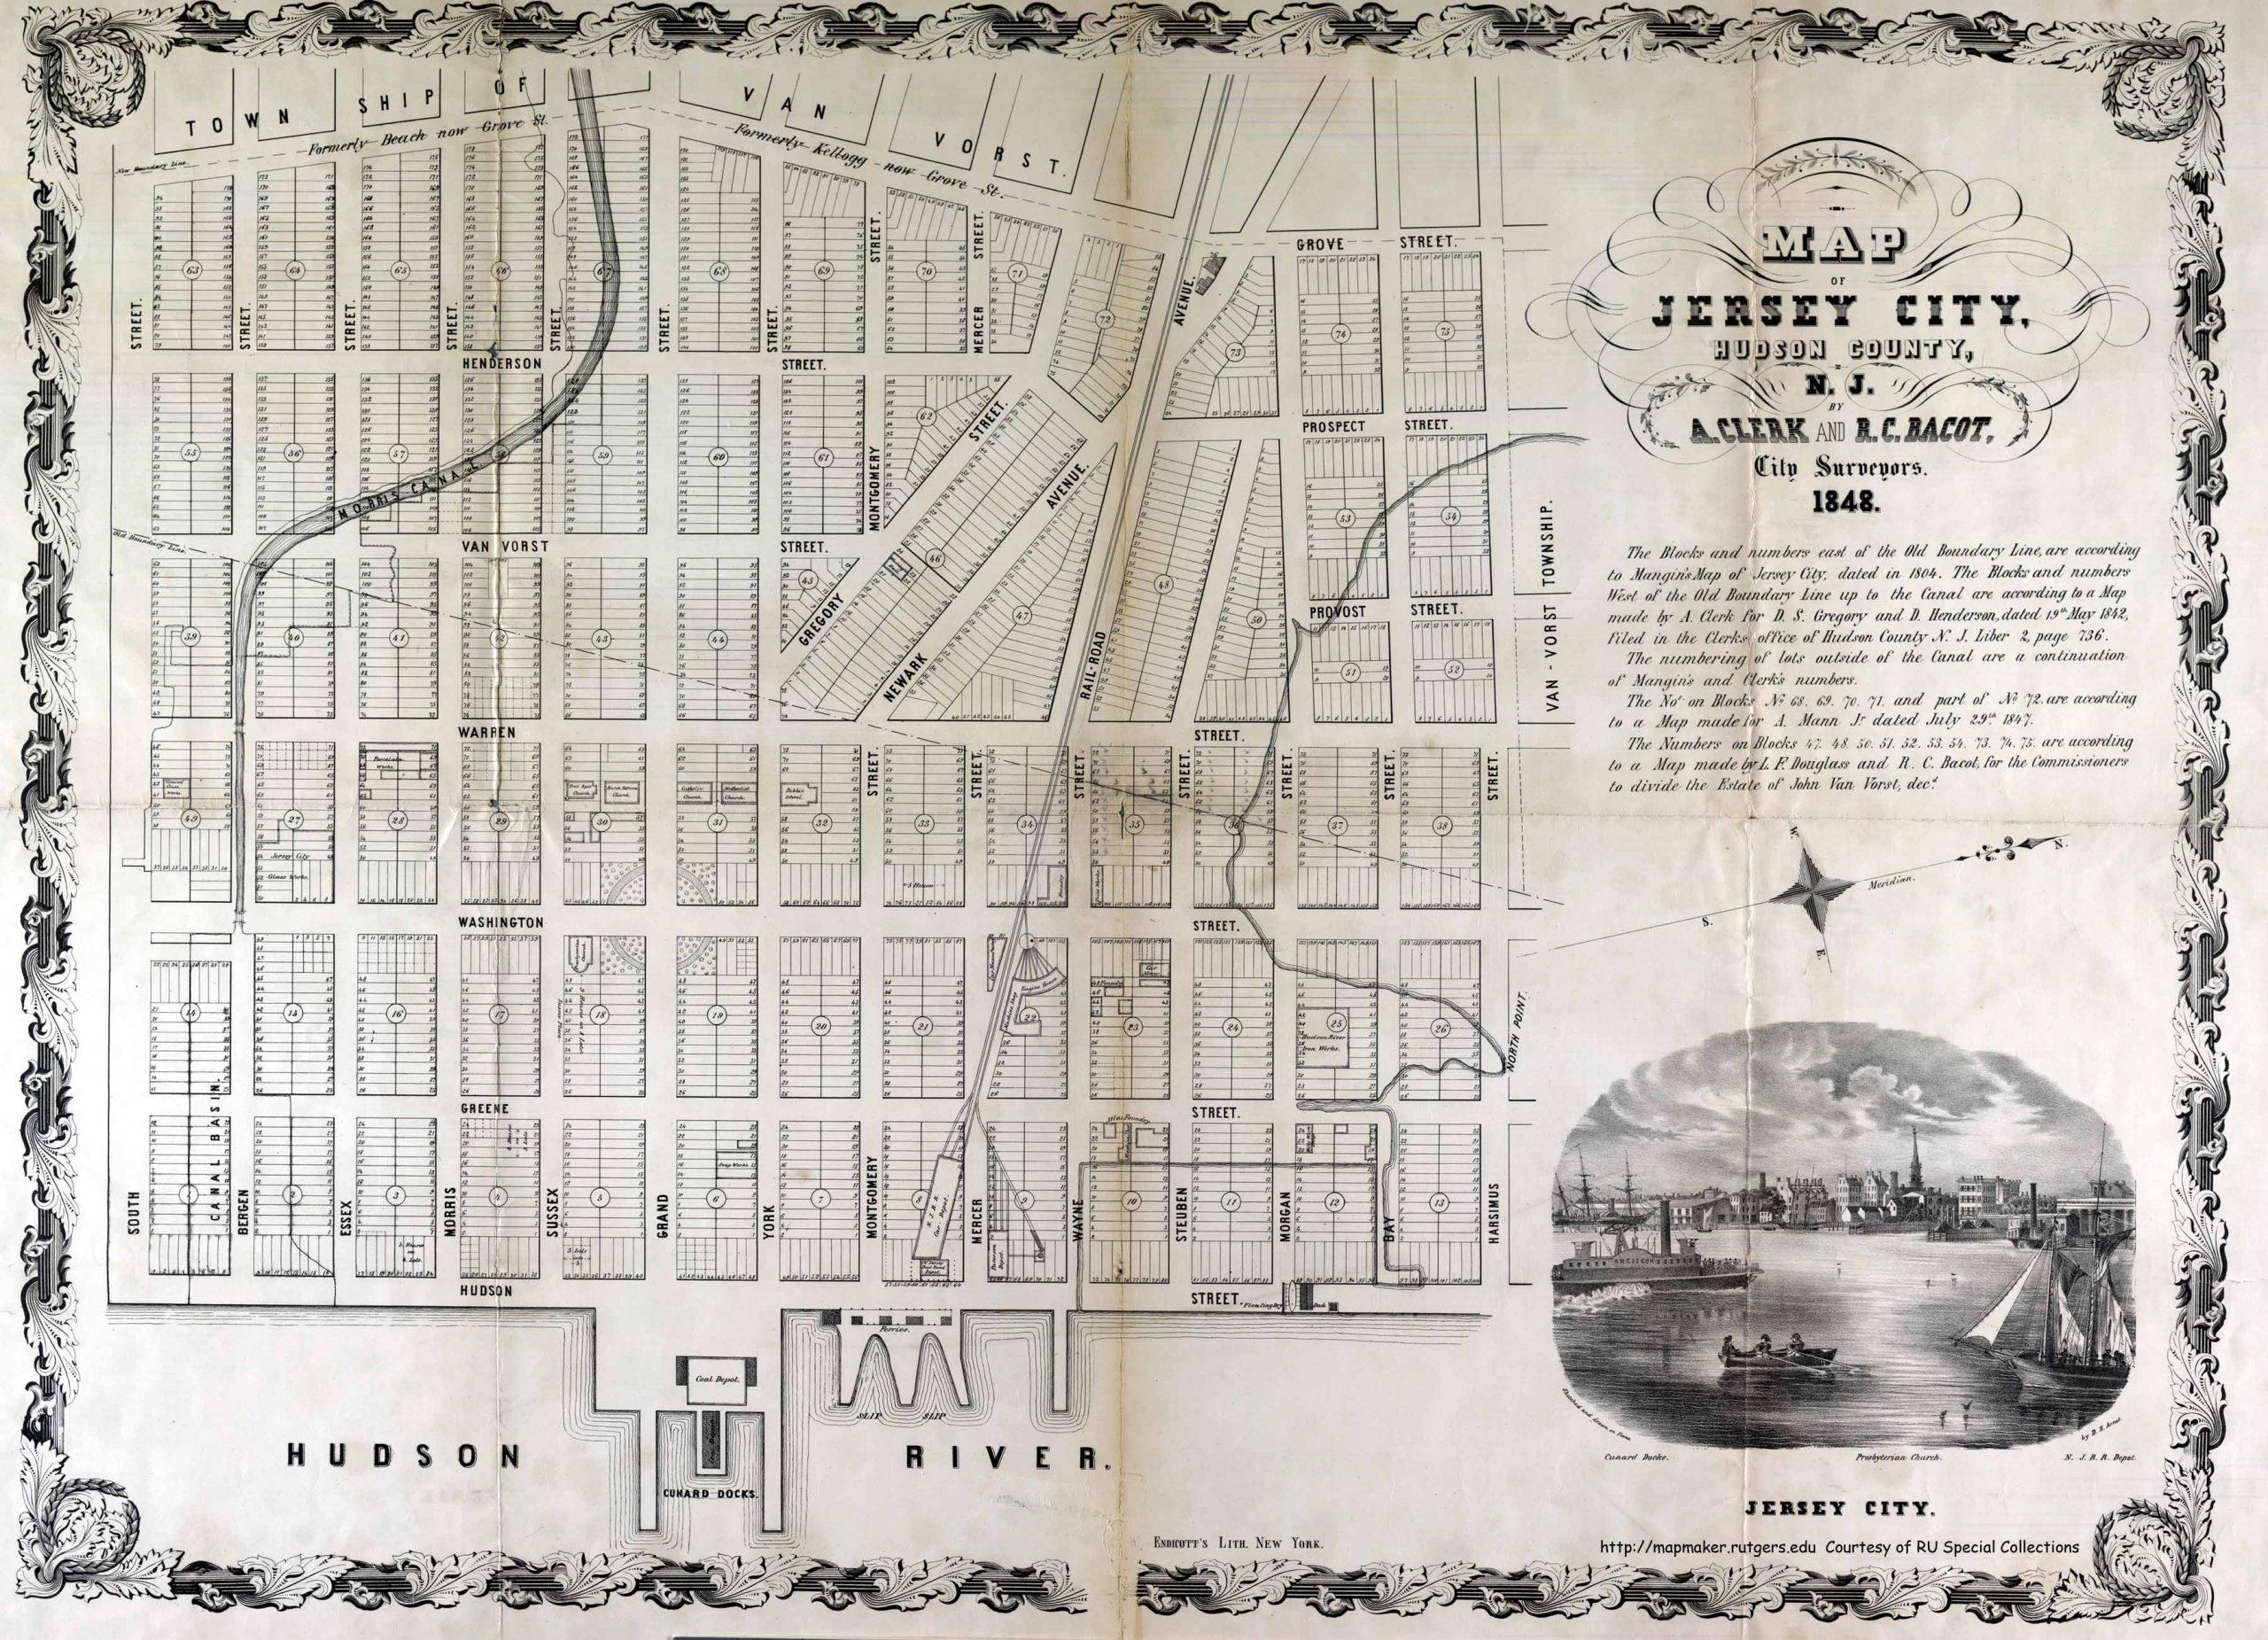 Map Critique: Jersey City